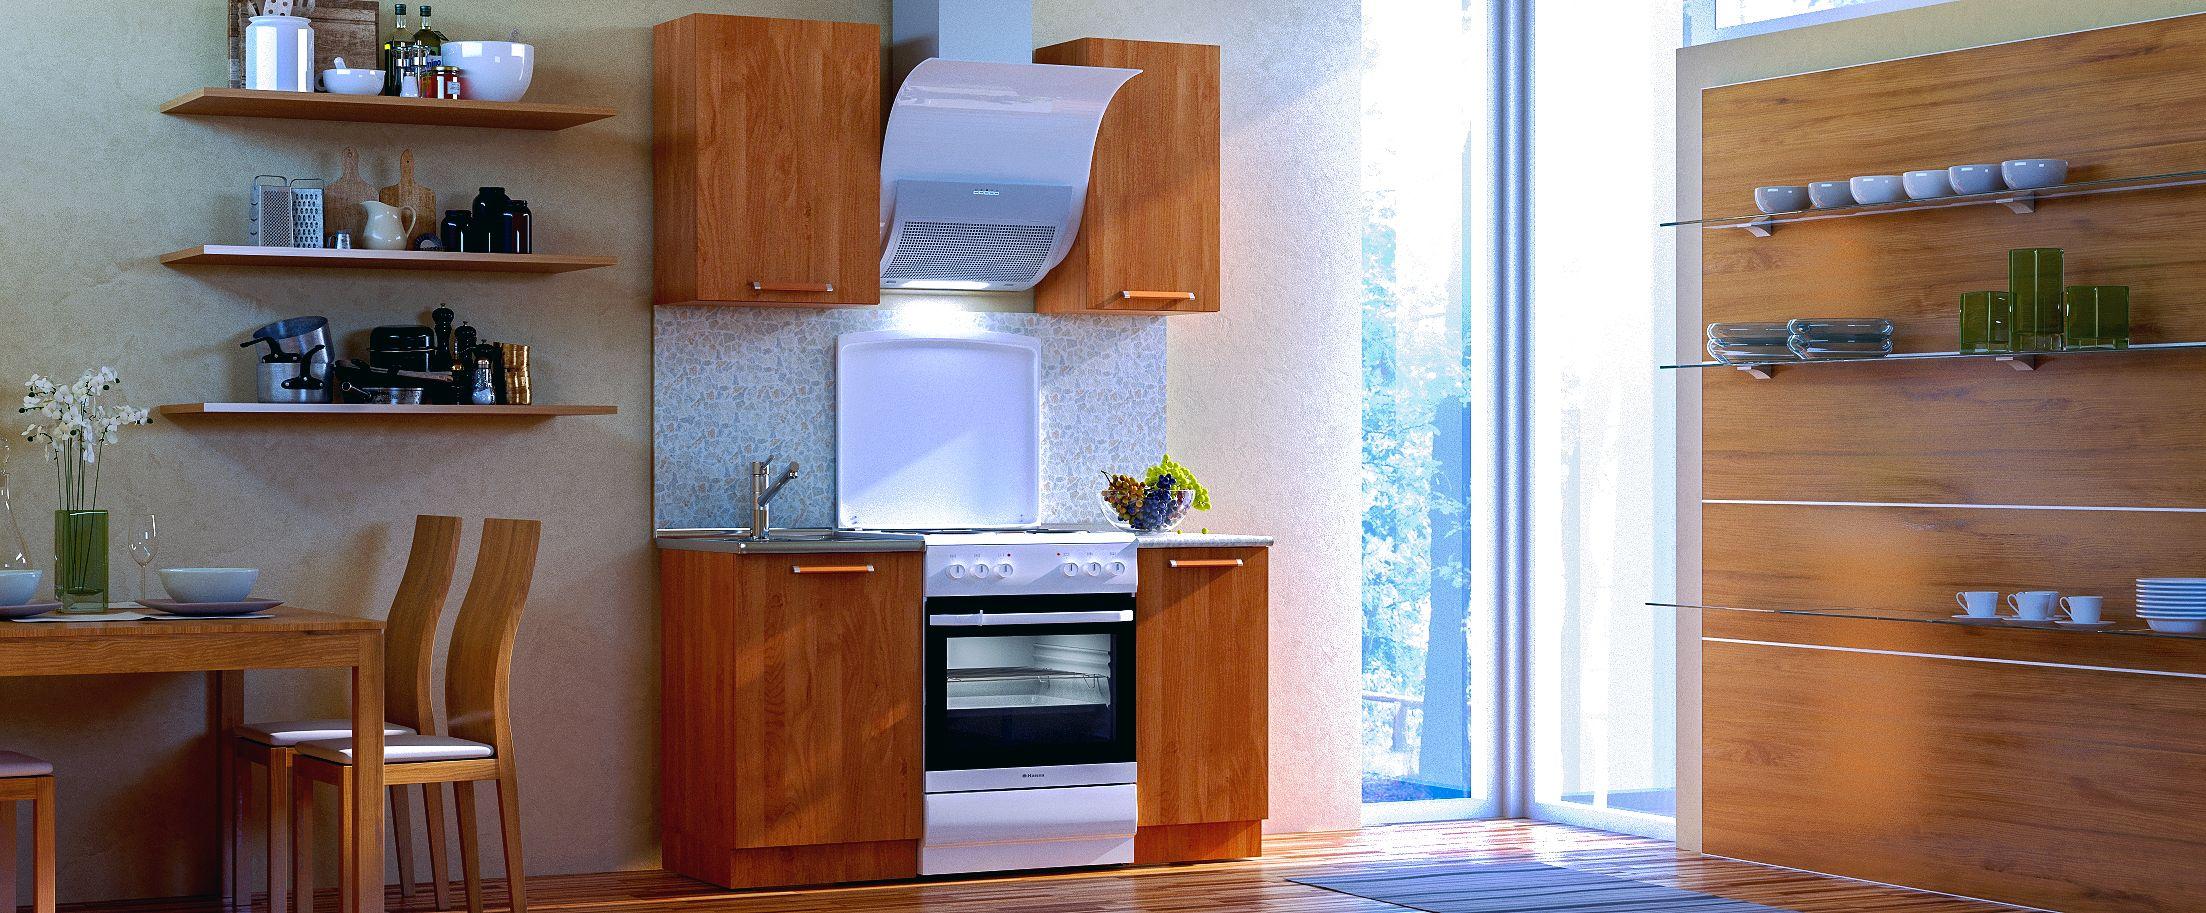 Кухня Ольха 1 мКупить удобный и практичный набор кухонного гарнитура в интернет магазине MOON TRADE. Быстрая доставка, вынос упаковки, гарантия! Выгодная покупка!<br>